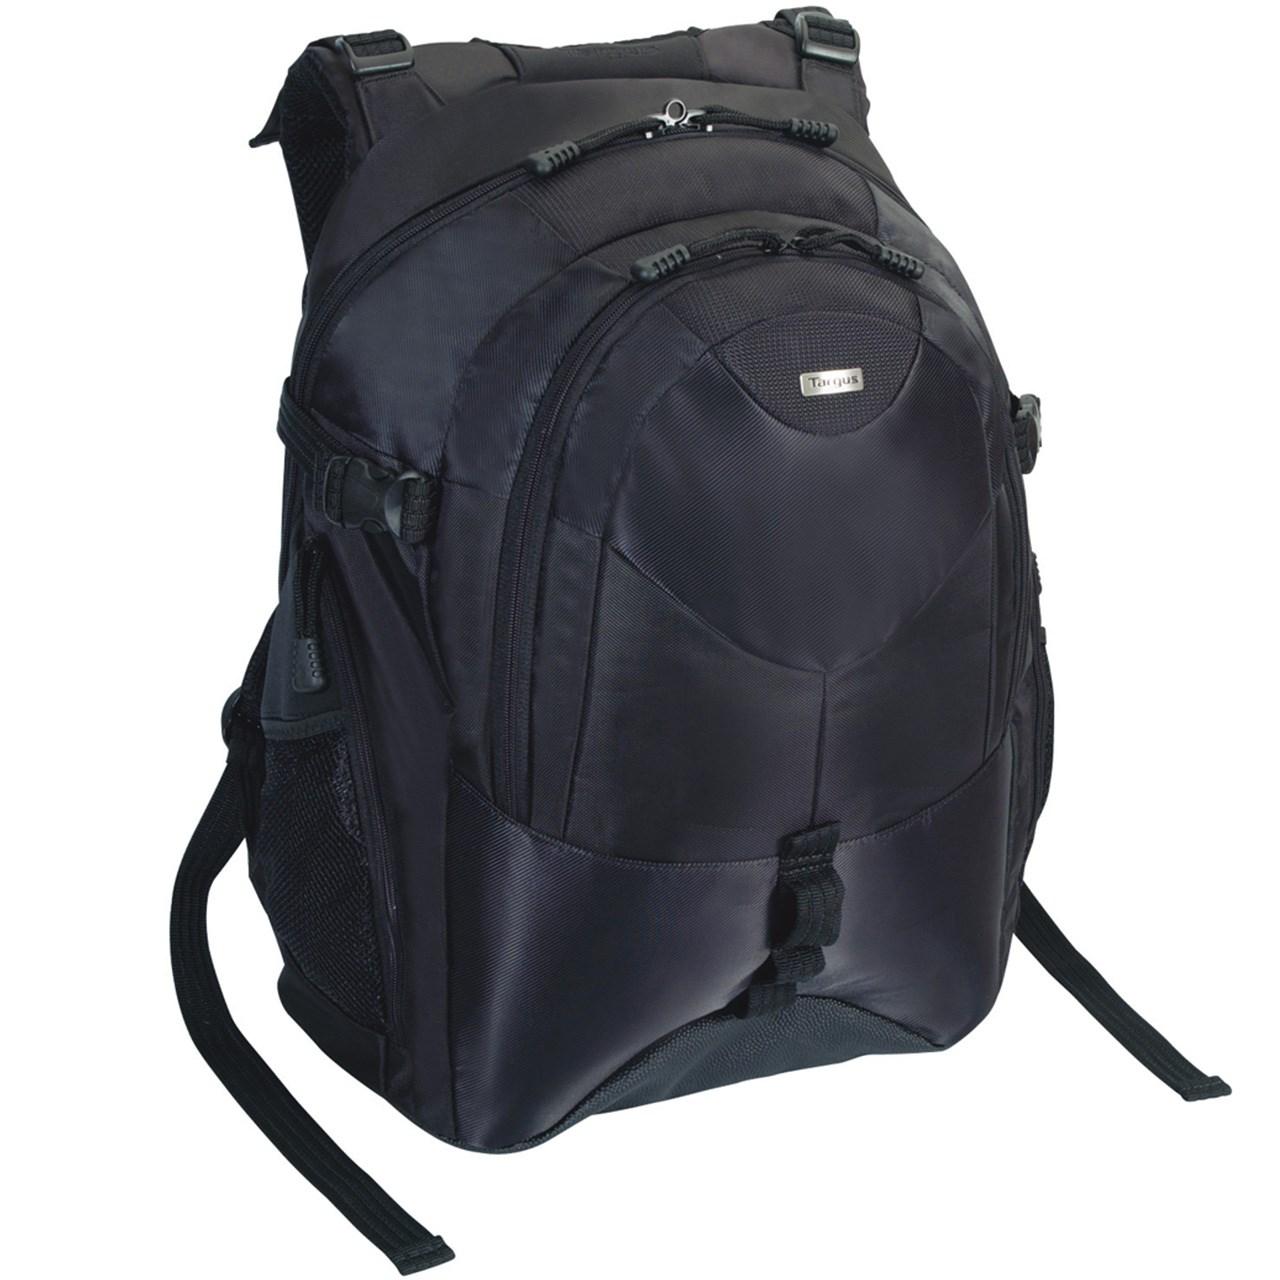 کوله پشتی لپ تاپ تارگوس TEB01 مناسب برای لپ تاپ های 15 اینچی